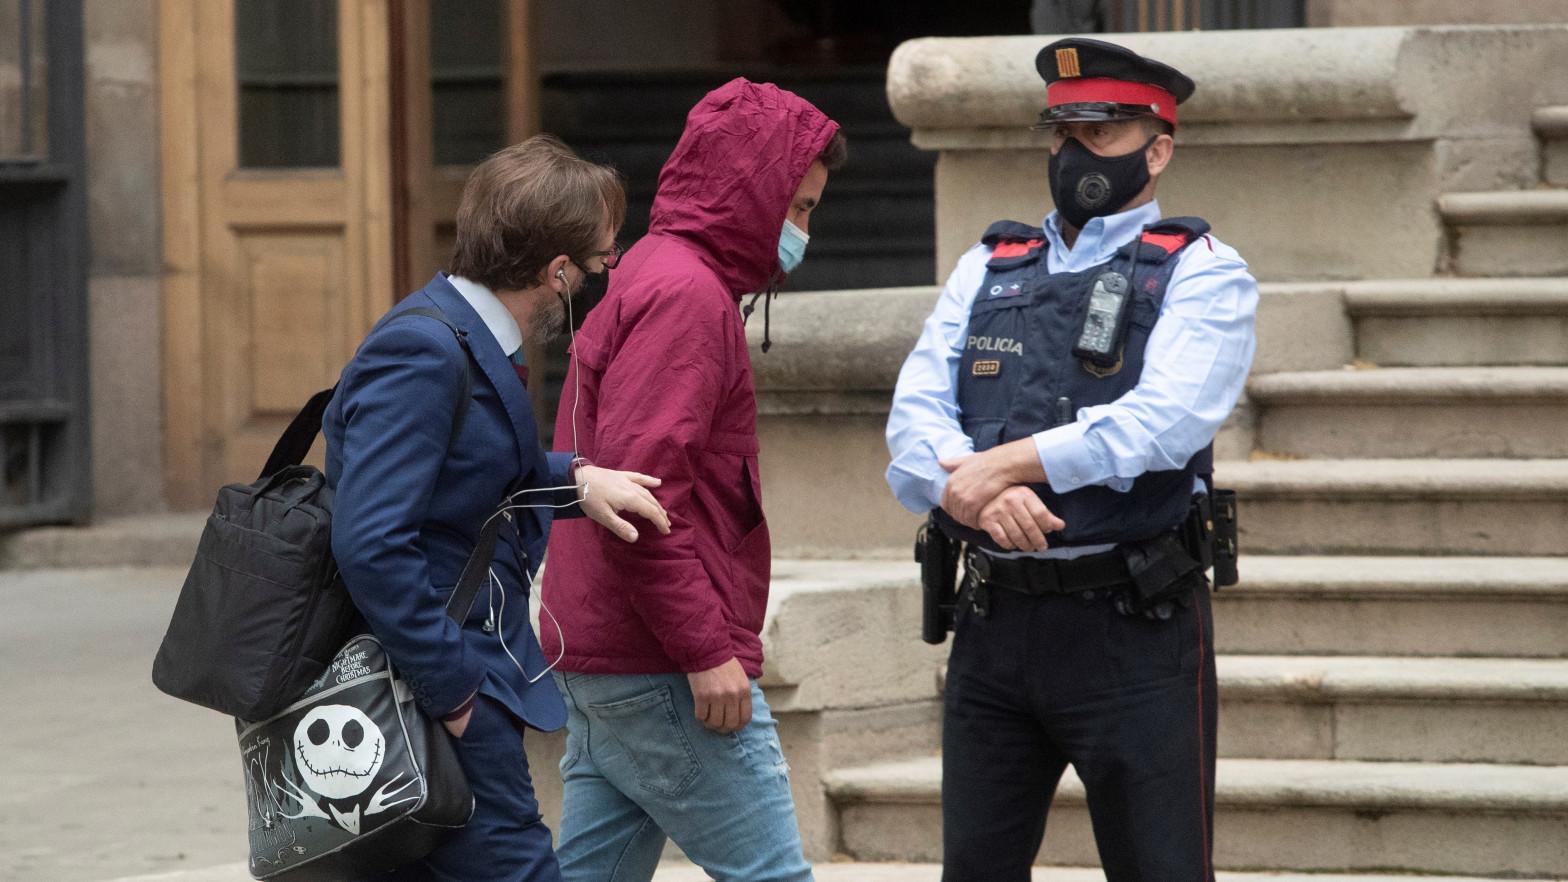 Condenas de hasta 31 años para la 'Manada de Sabadell' por violación múltiple a una menor